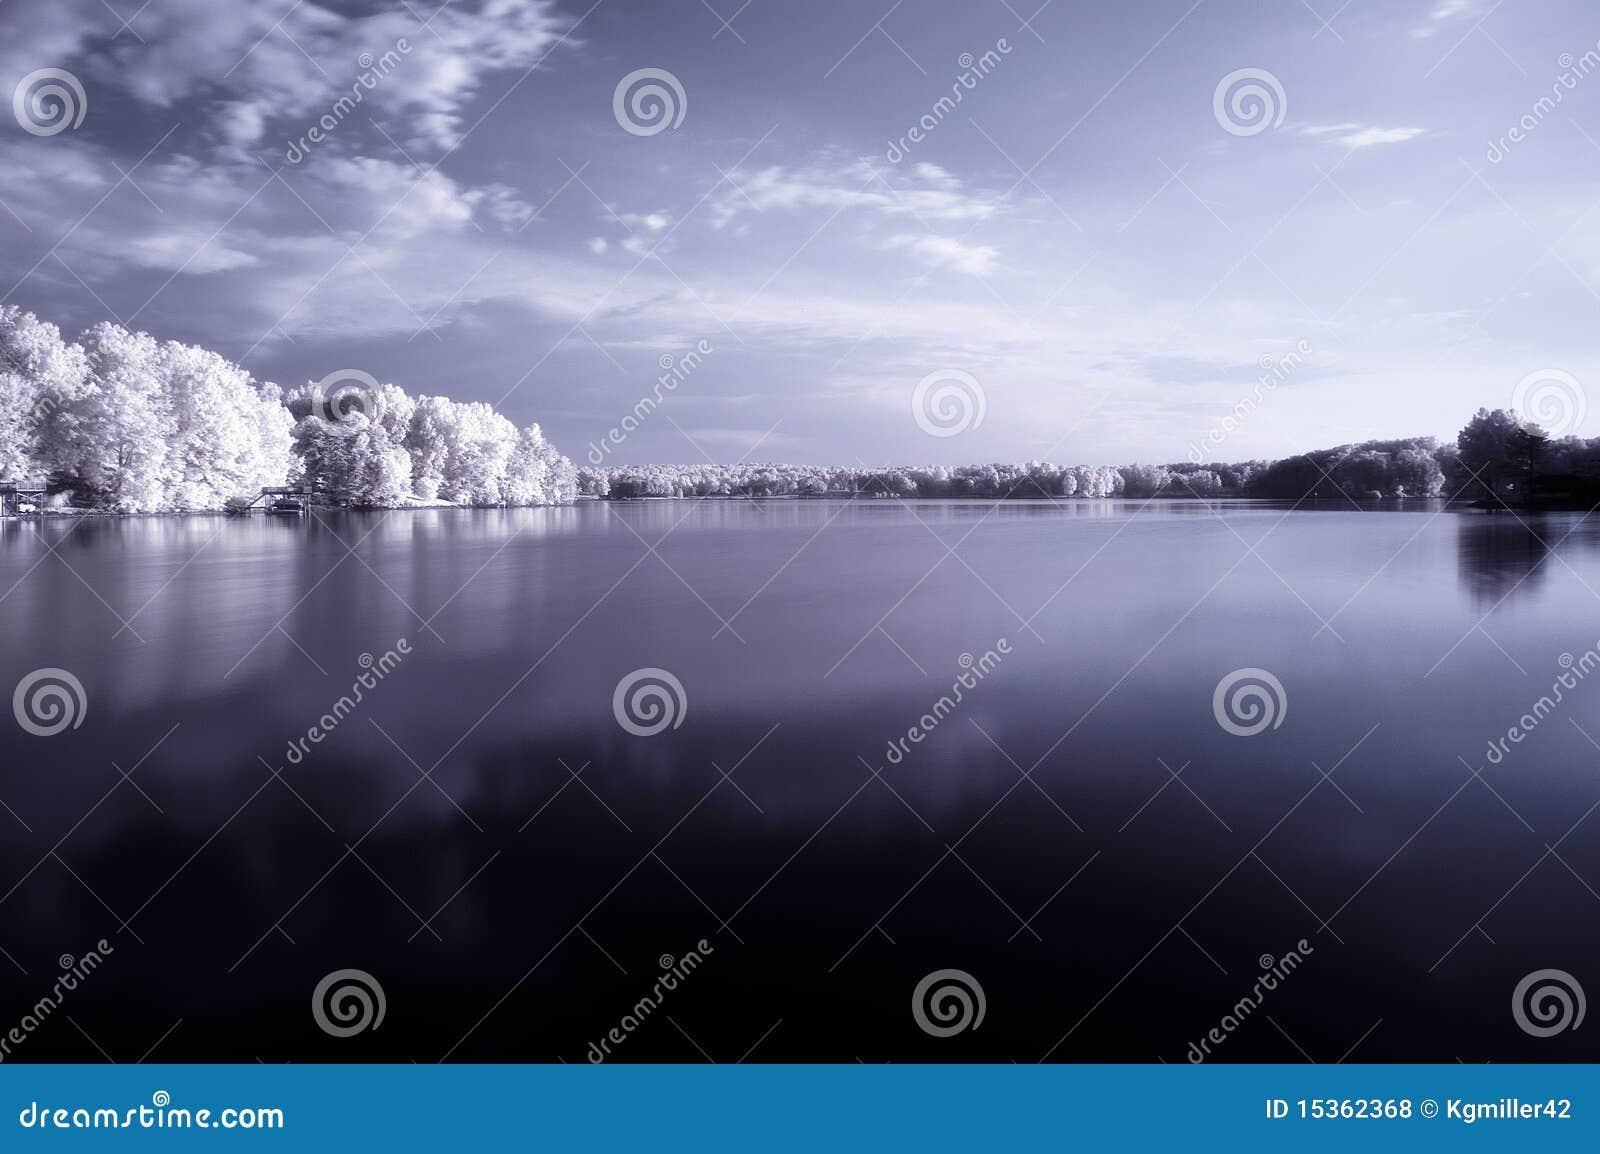 free smith mountain lake - photo #26